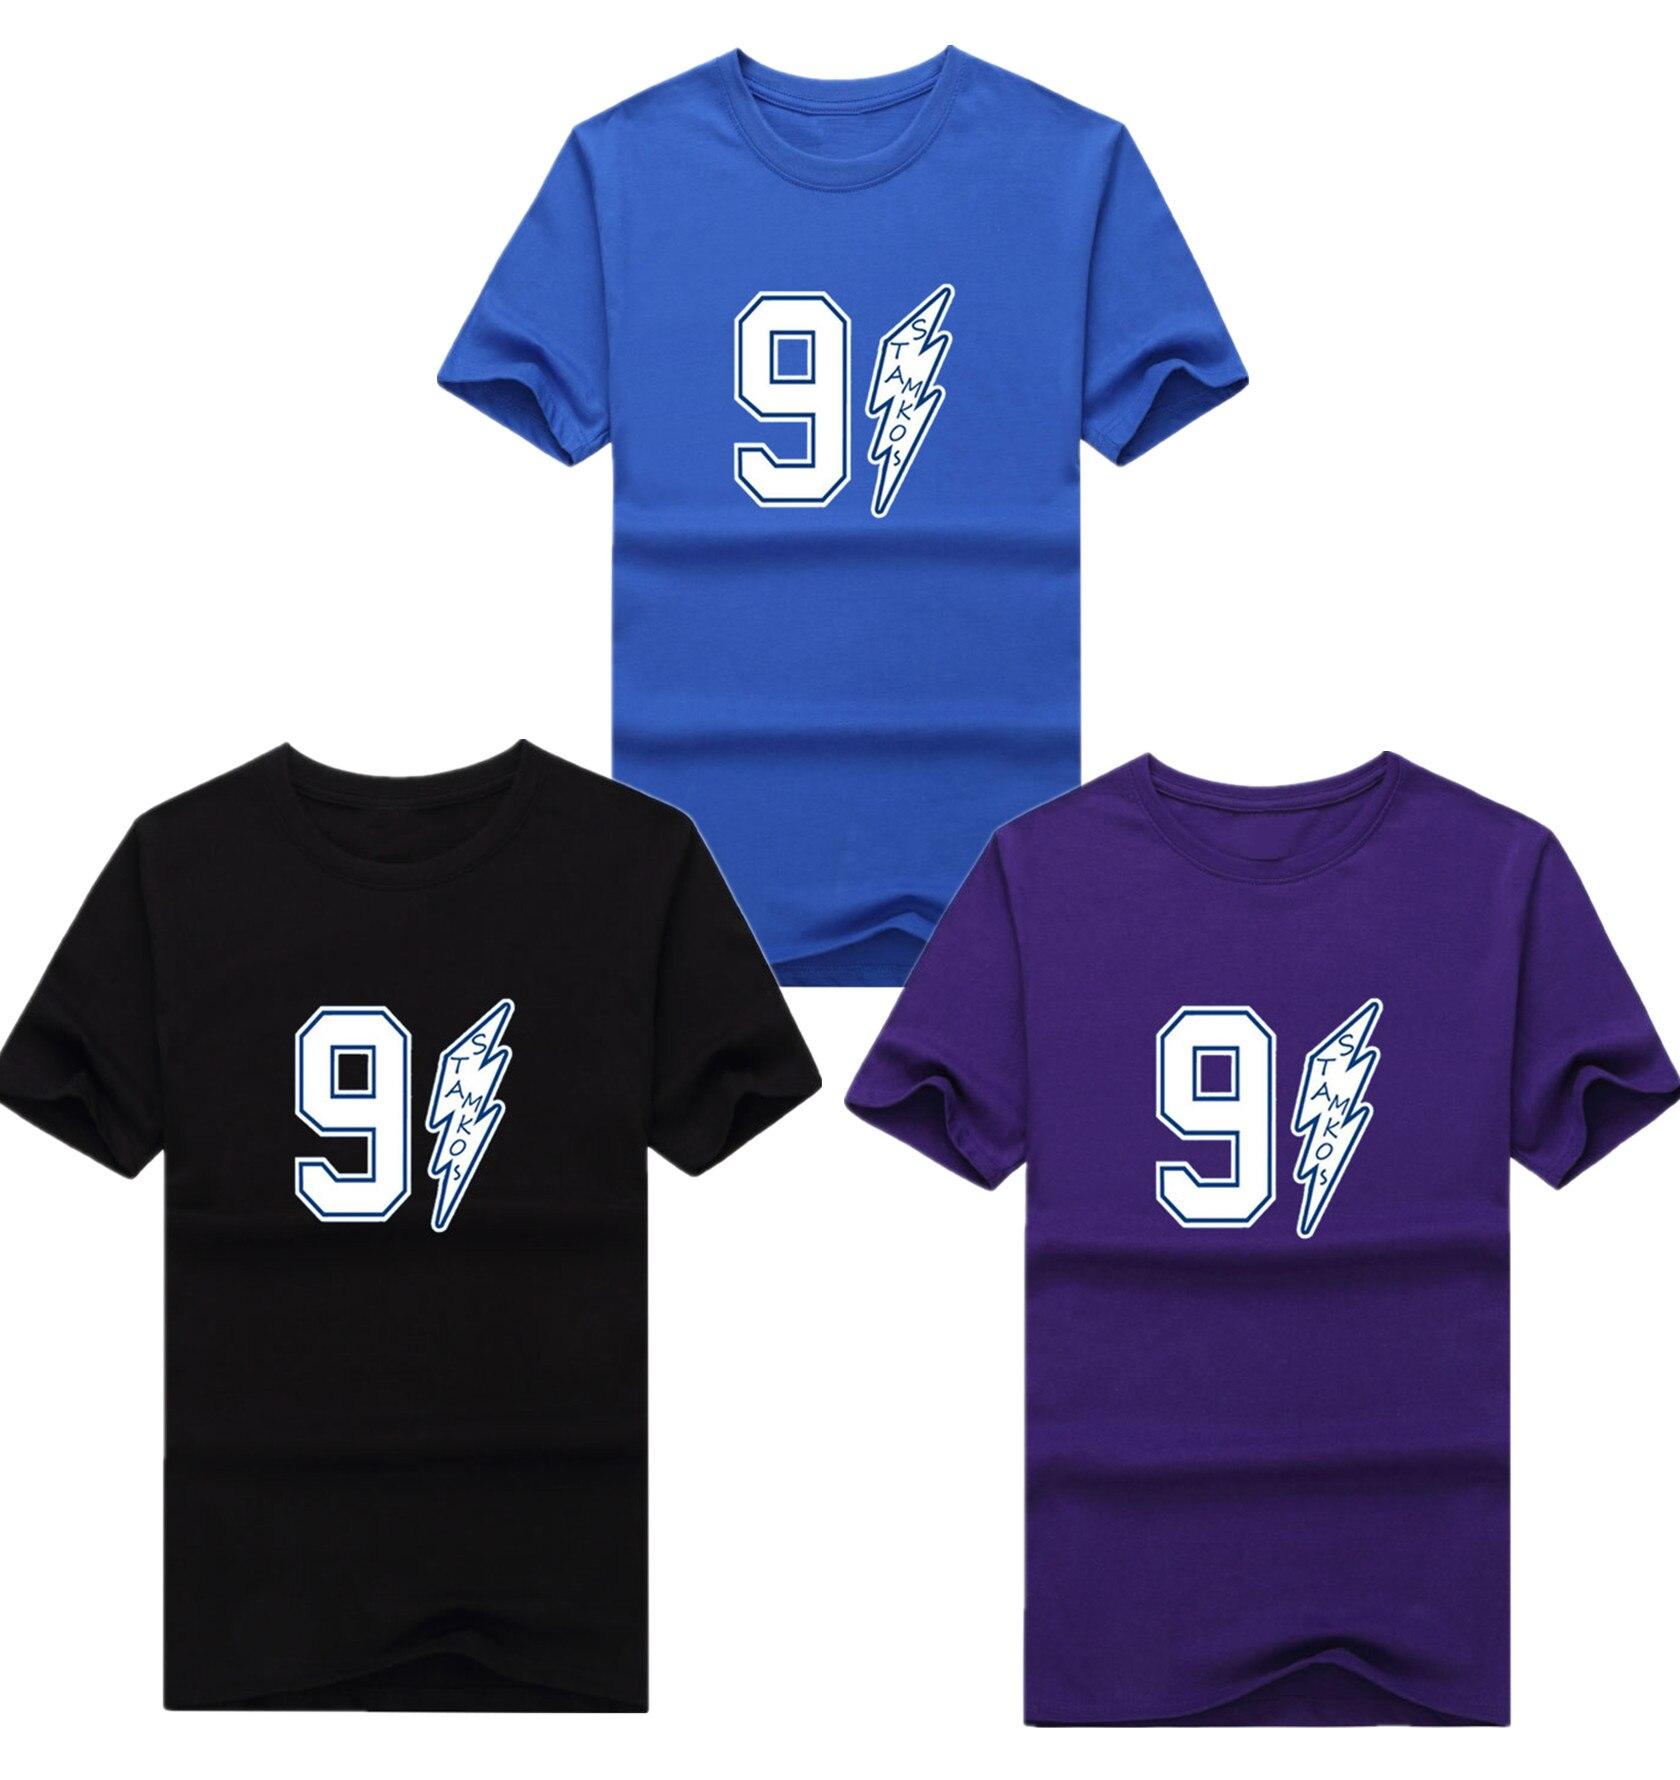 Shirt design tampa - 2017 Tampa Bay Lightning Men S Short Sleeve 91 Stamkos Captain Fans T Shirts Training Cotton Tee Shirt